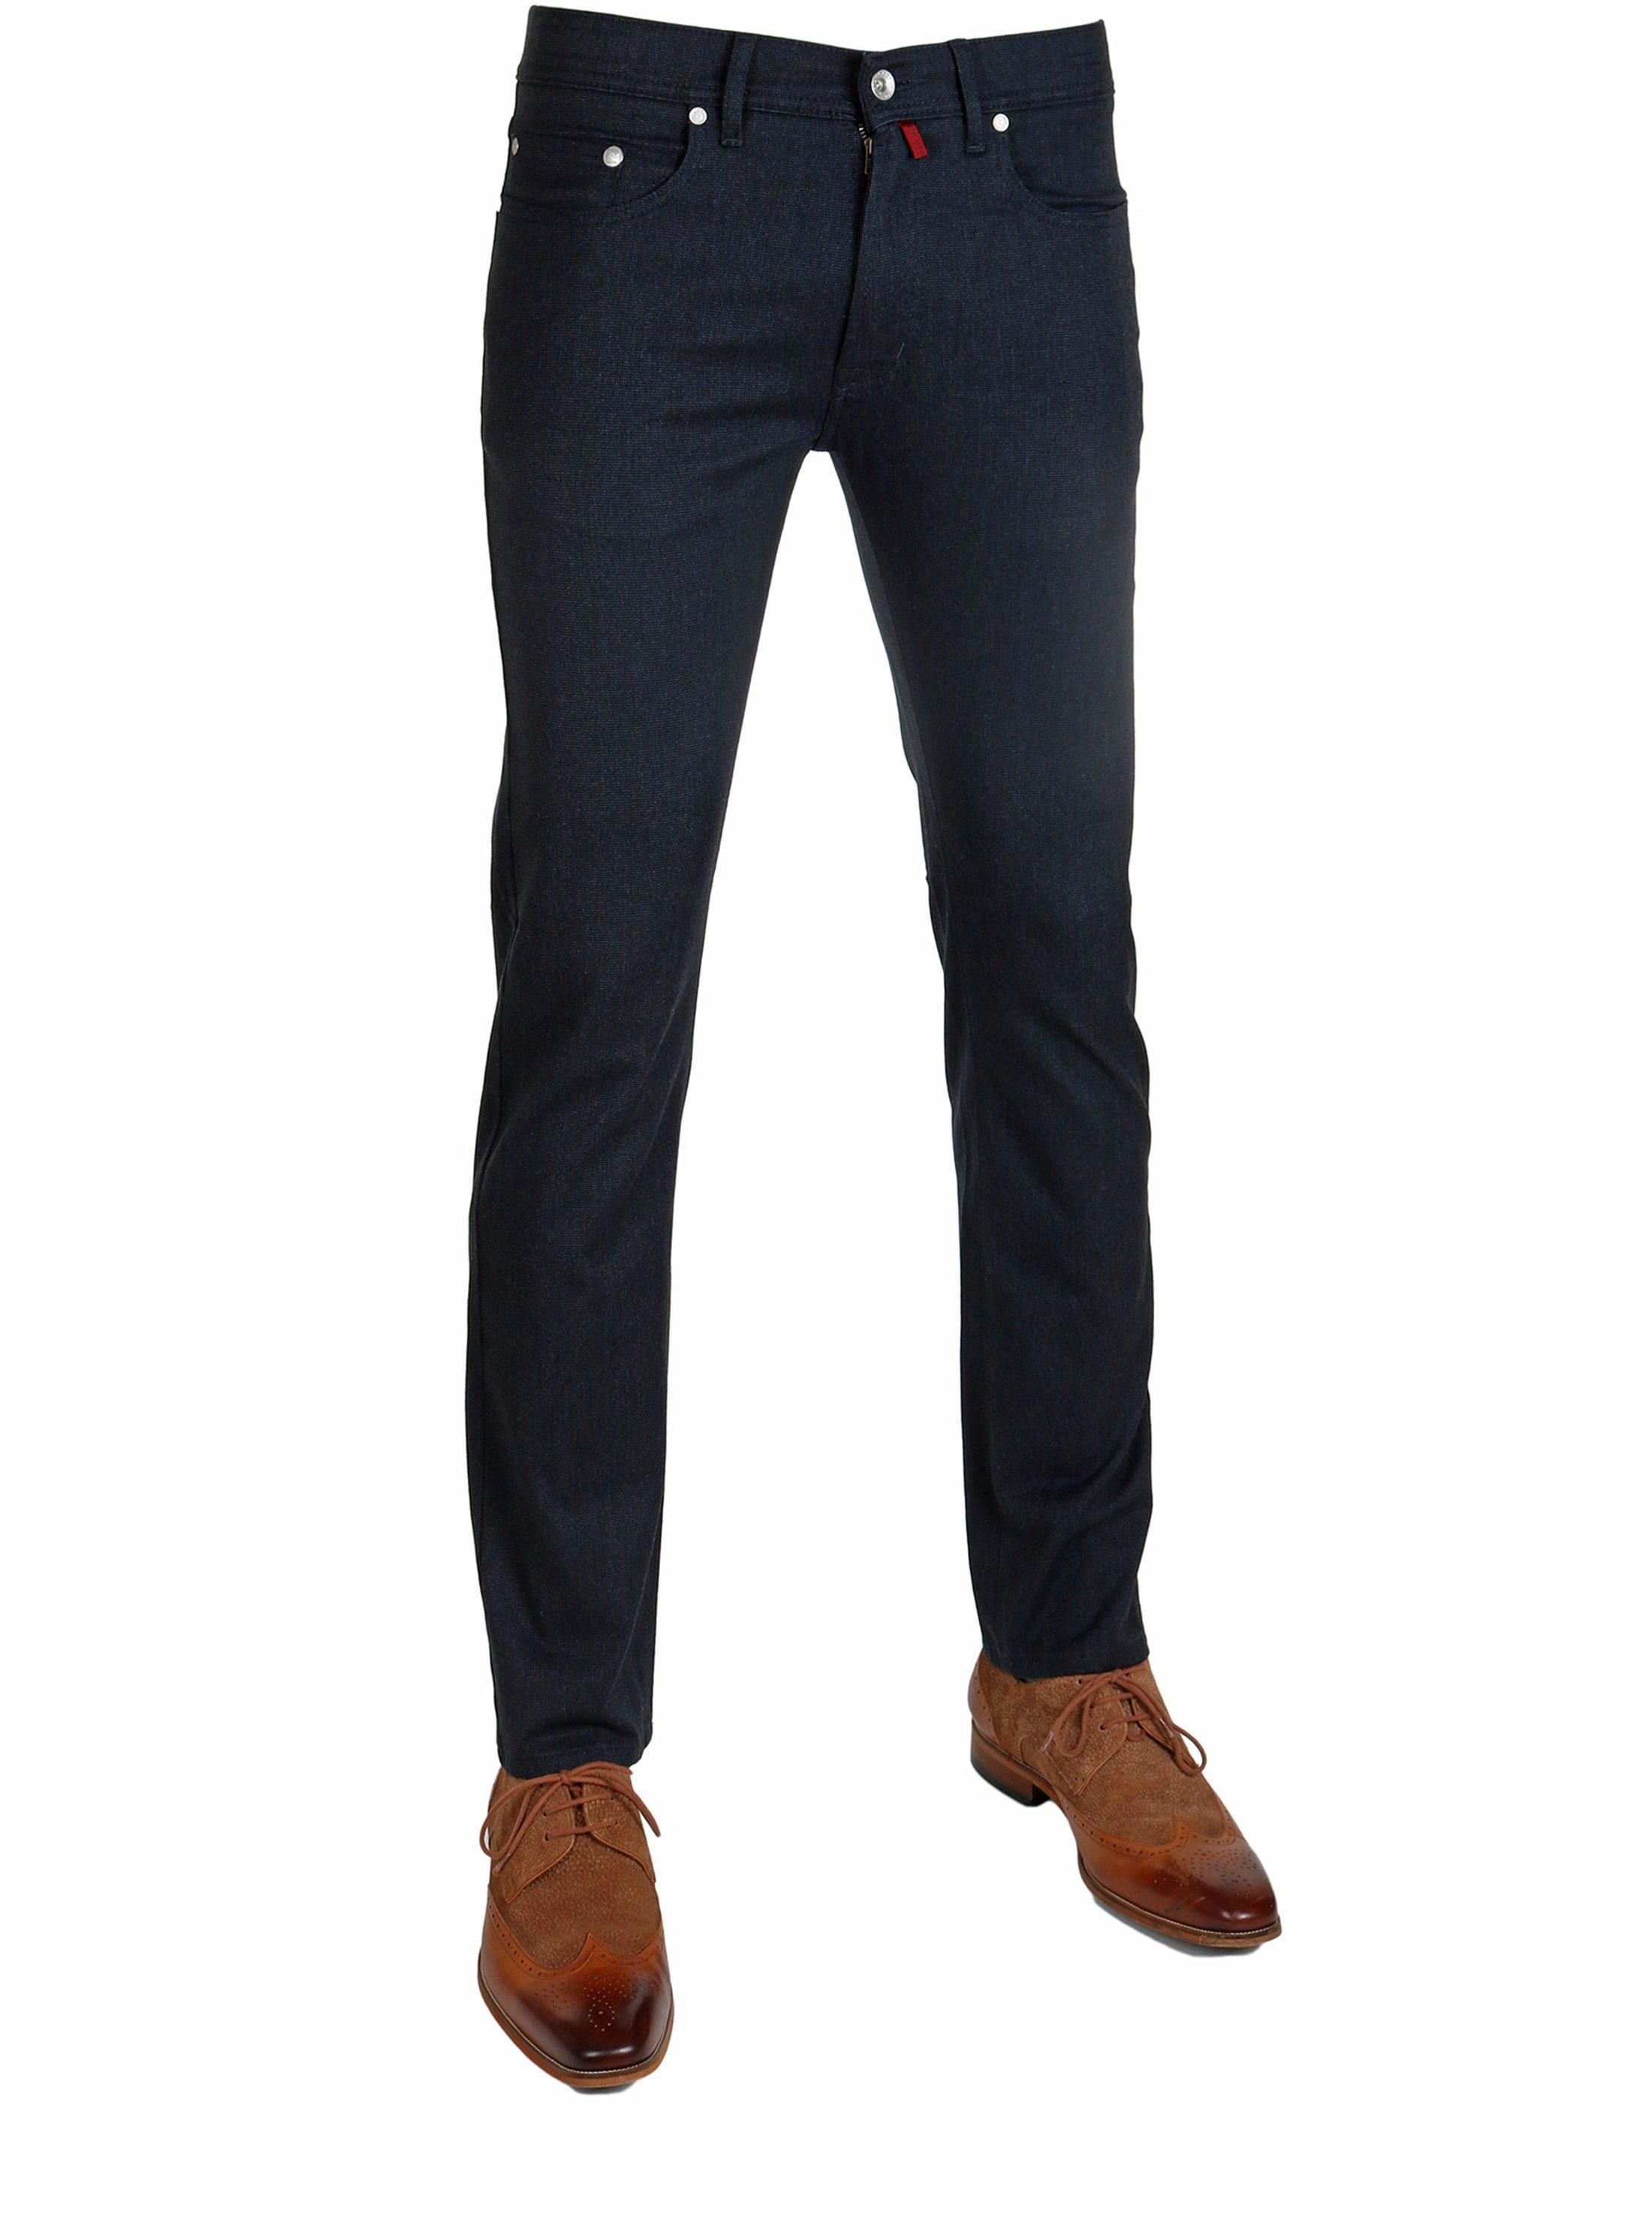 Pierre Cardin Lyon Jeans Navy foto 0